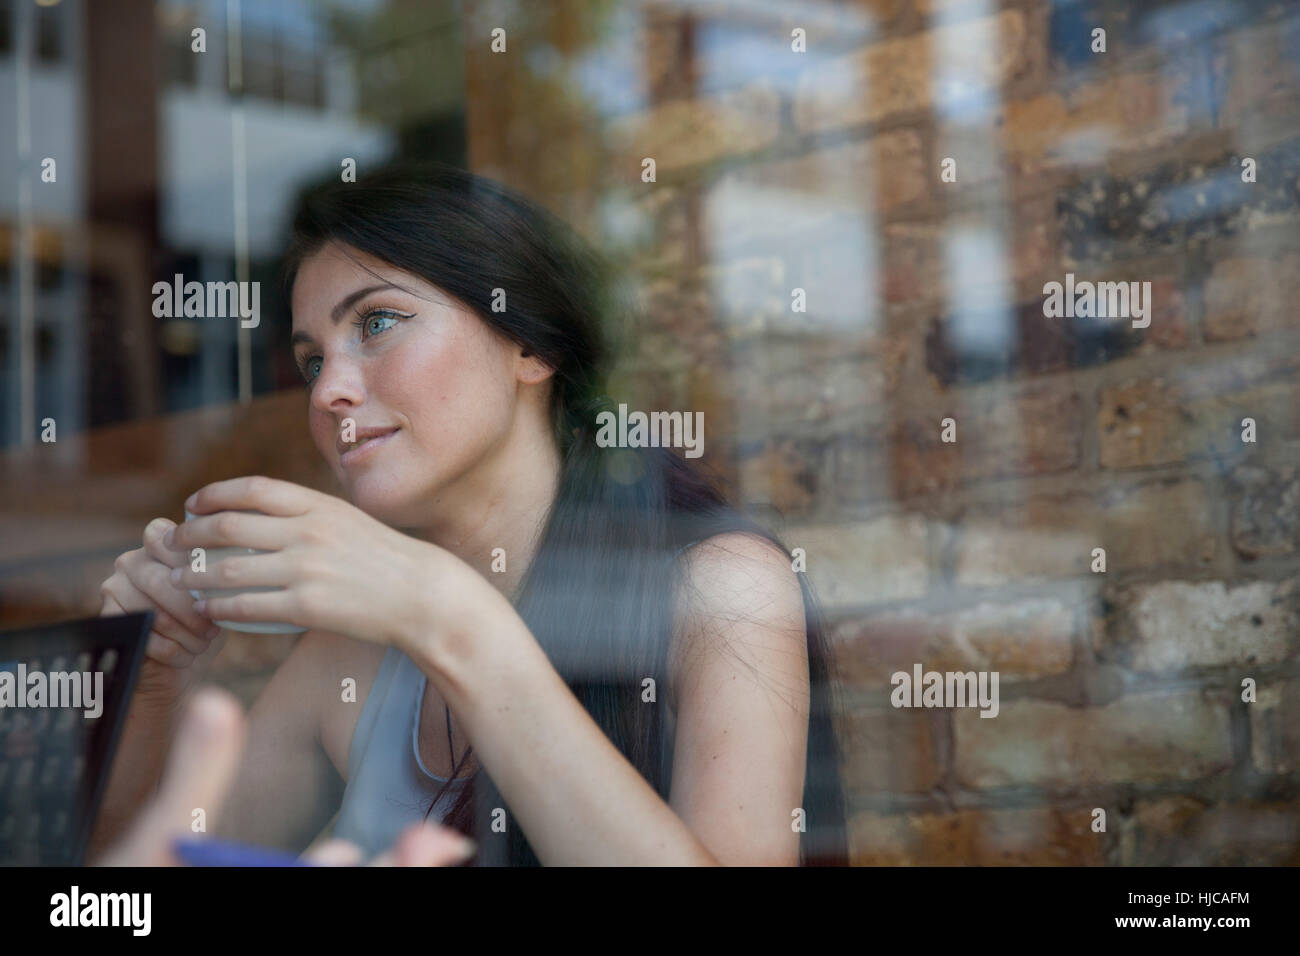 Geschäftsfrau mit treffen im Café-Bar, London Stockbild